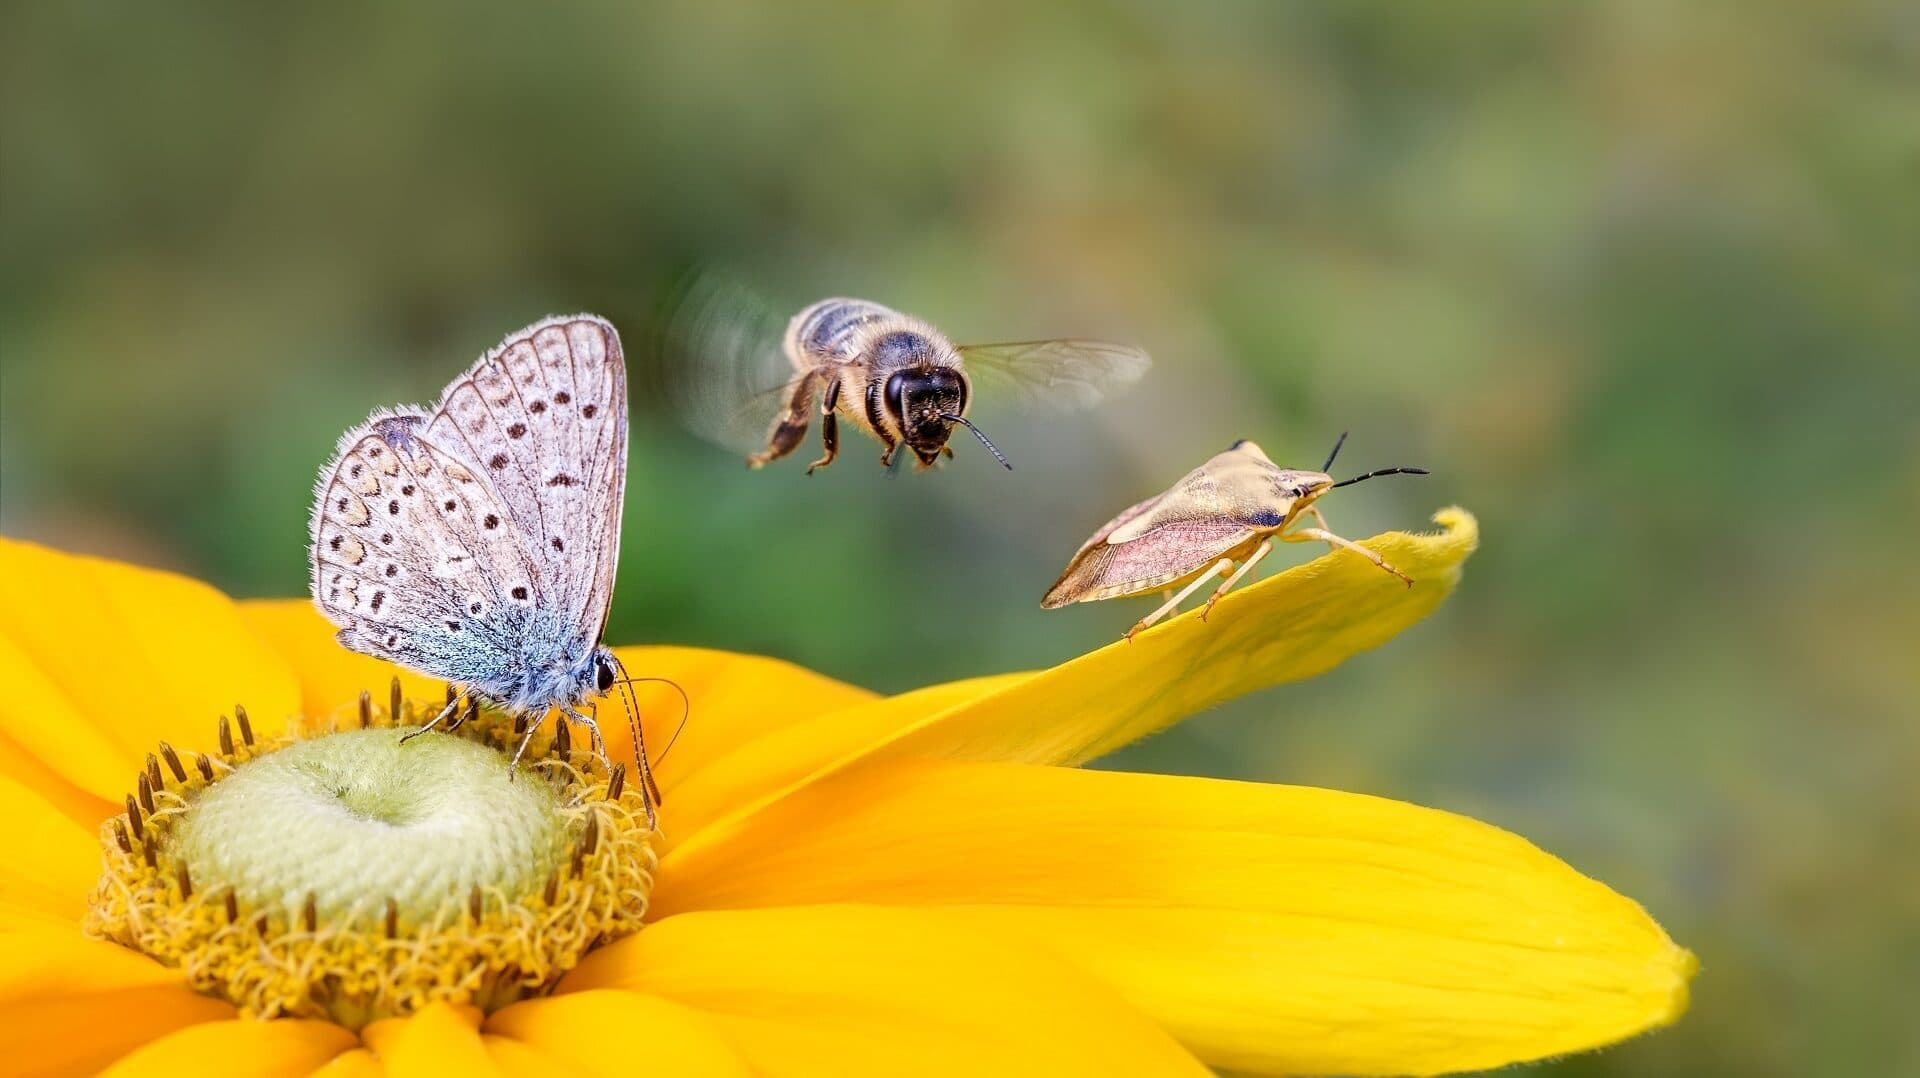 Schmetterling und Biene an gelber Blüte